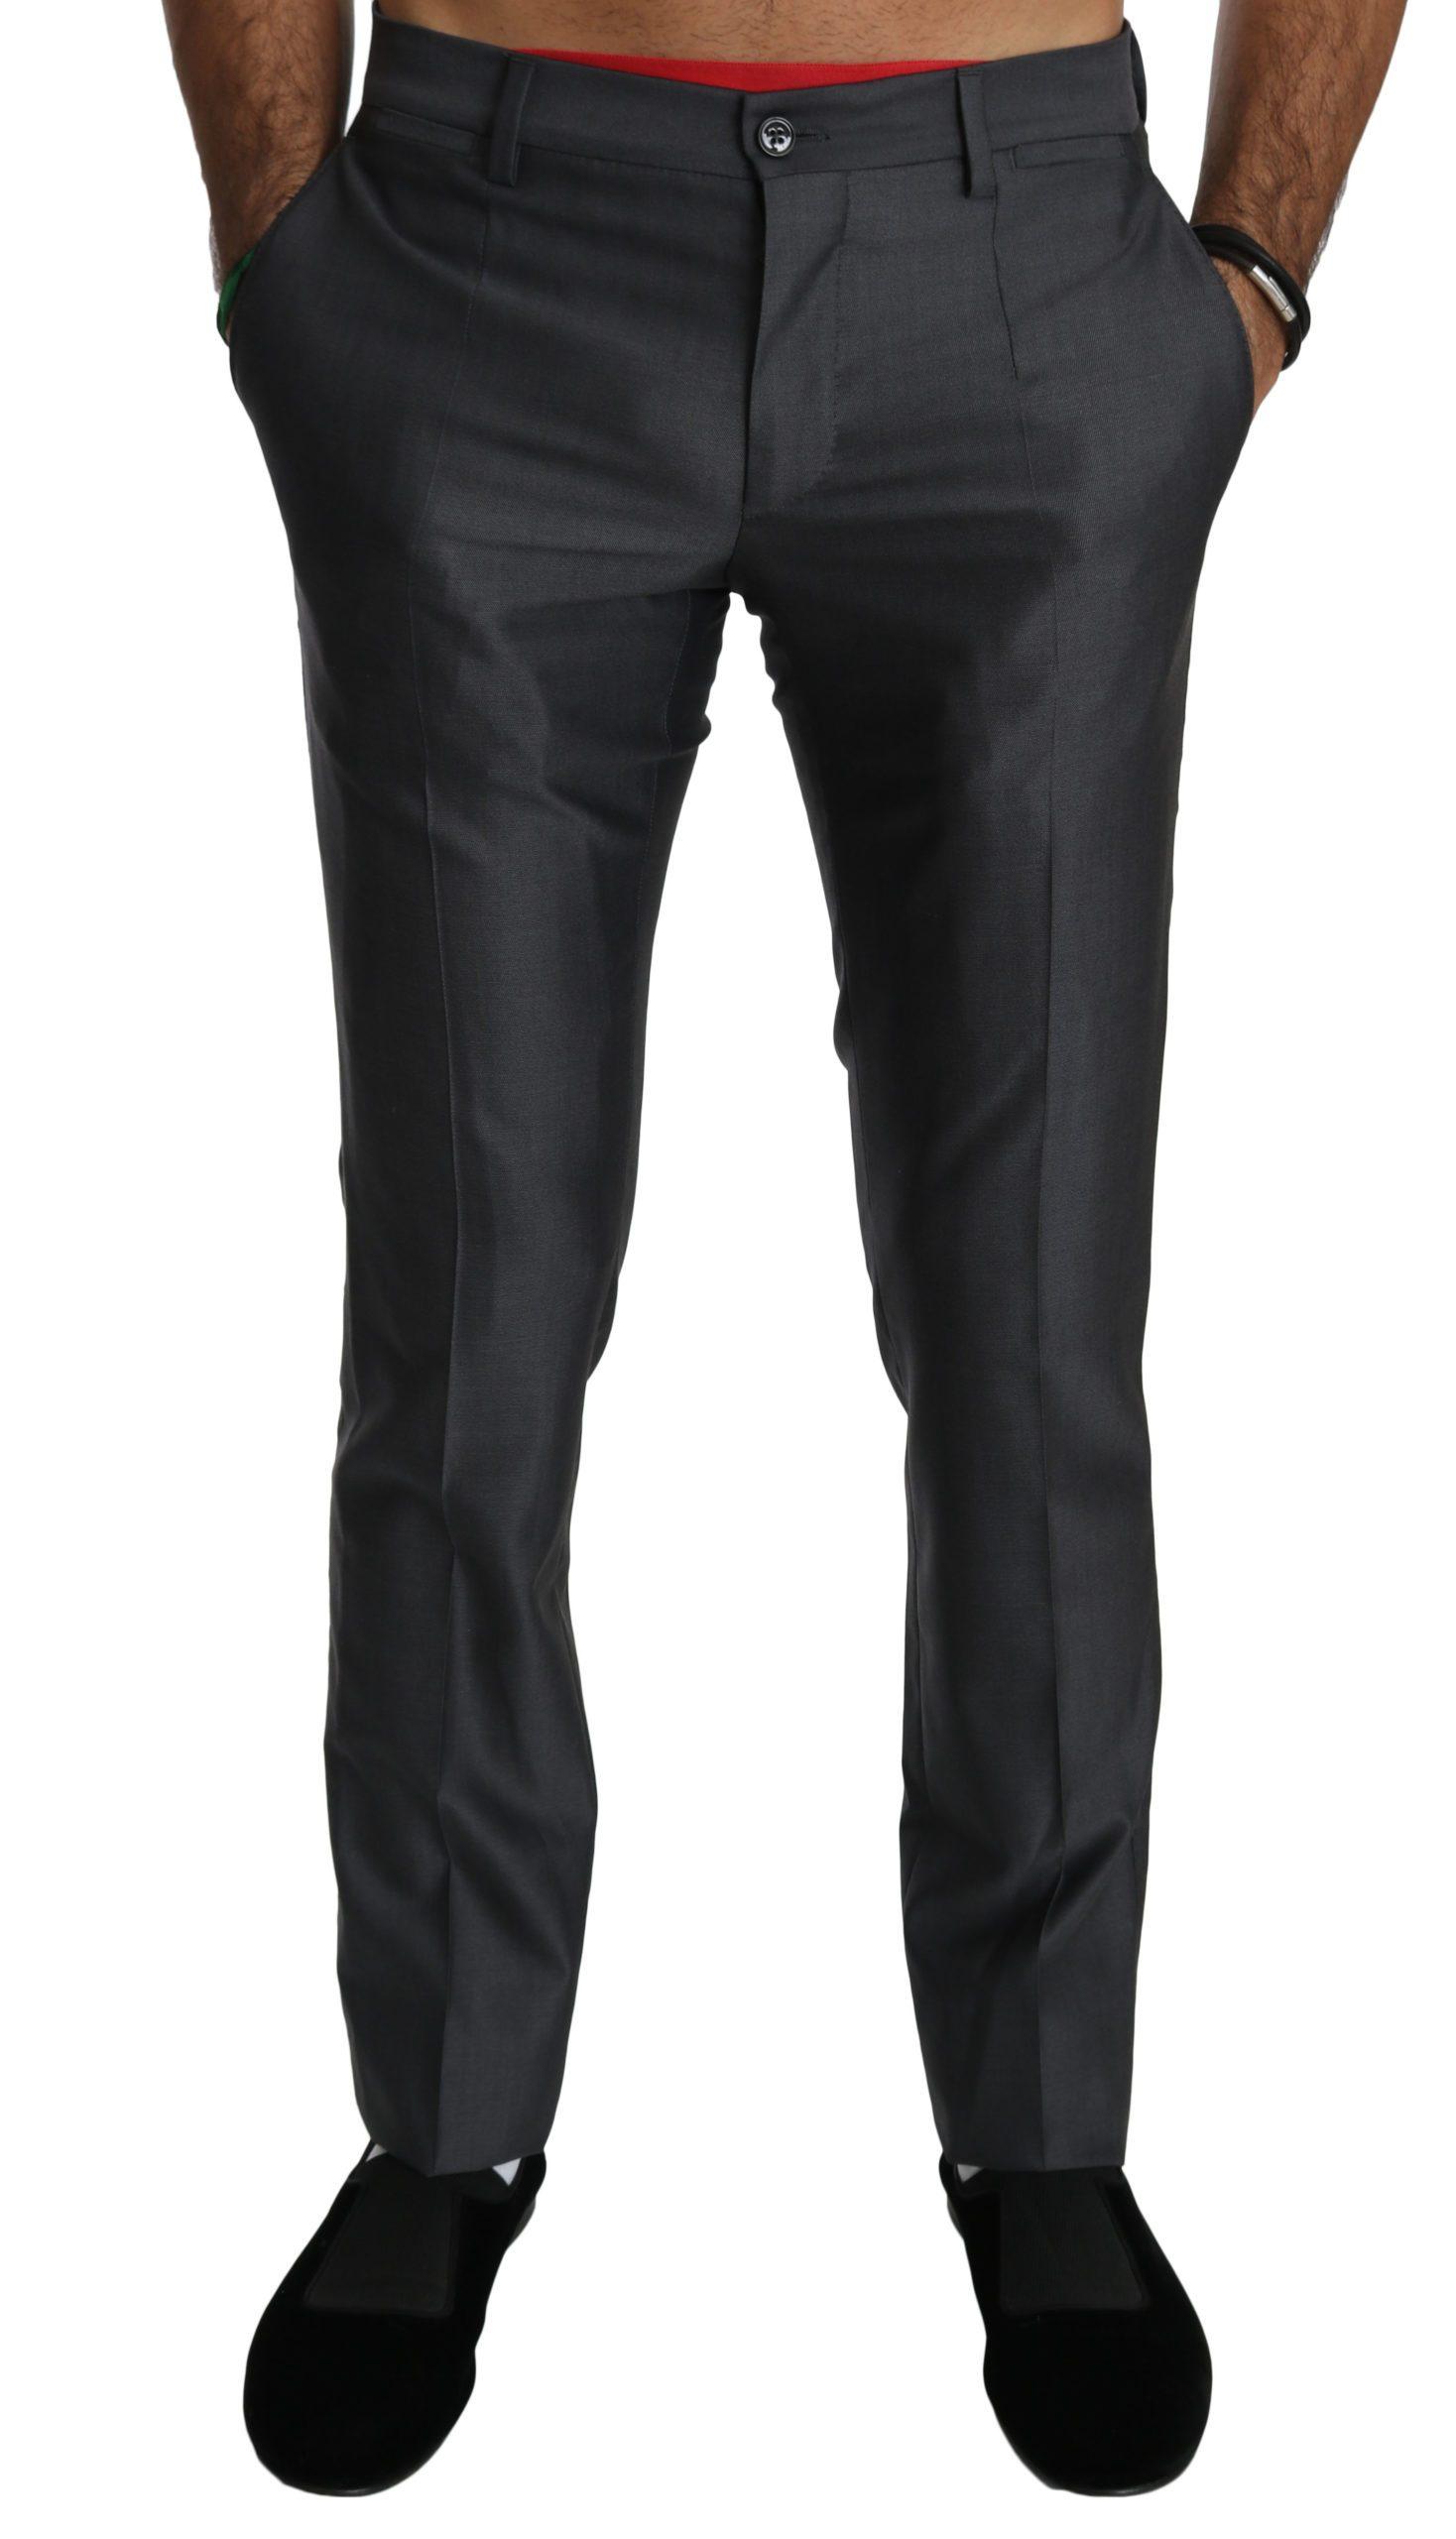 Dolce & Gabbana Men's Wool Dress Formal Trouser Gray PAN70773 - IT44 | XS